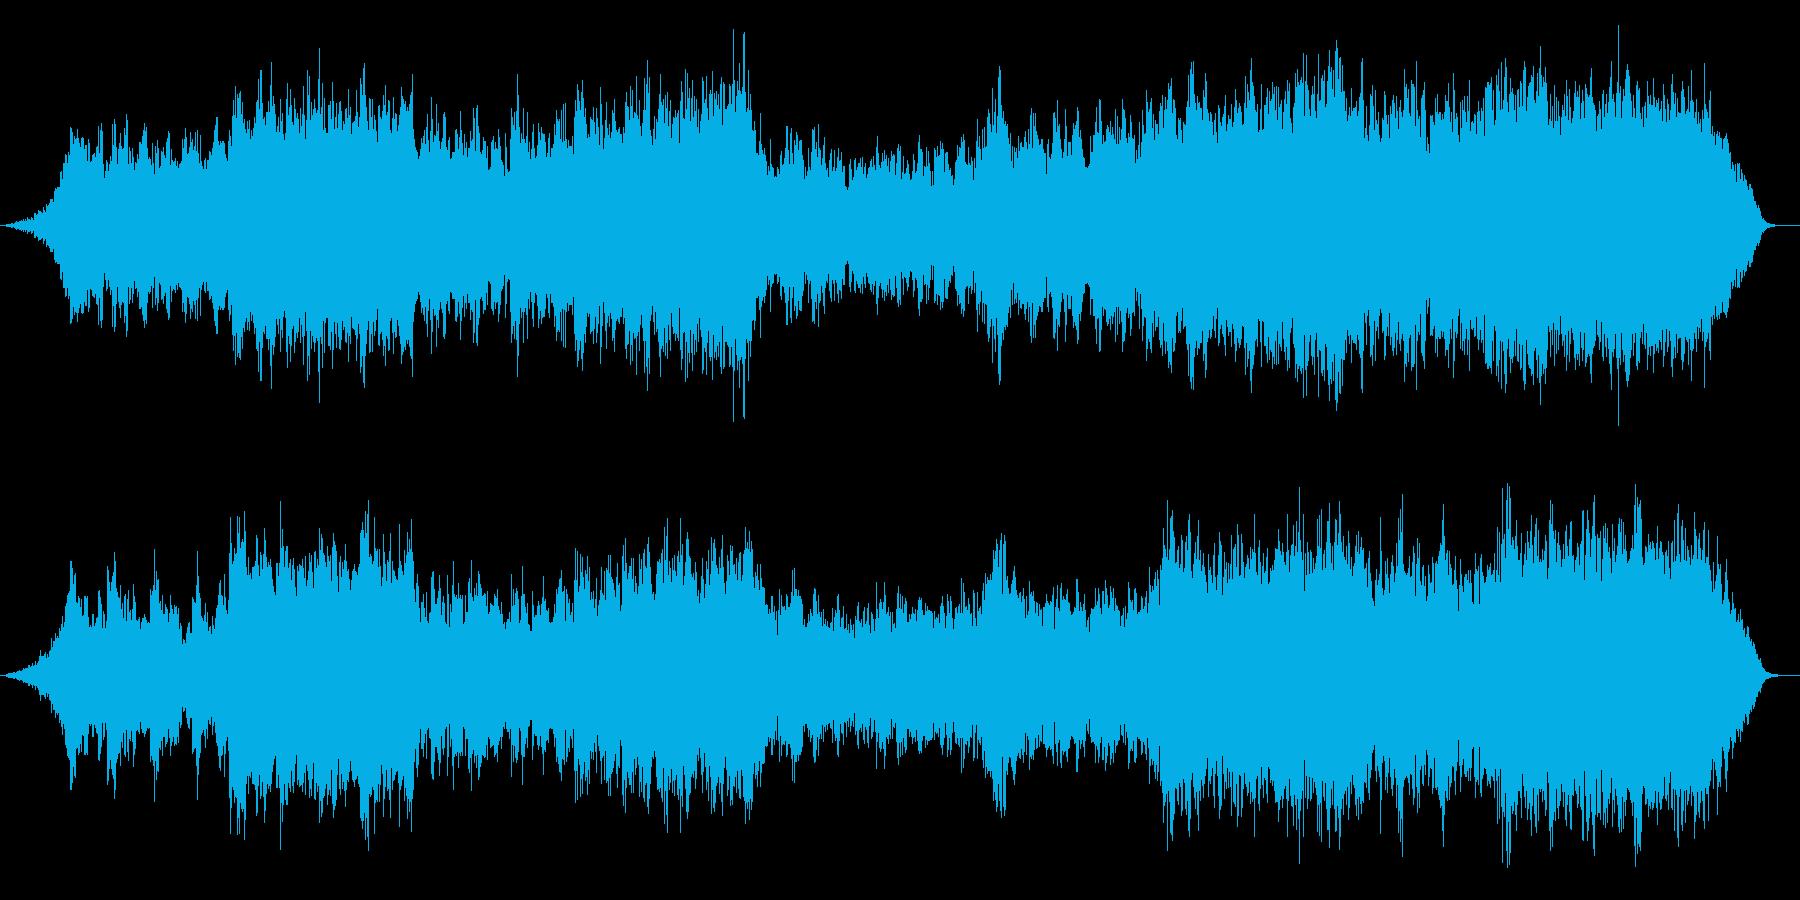 壮大なフルオーケストラの再生済みの波形